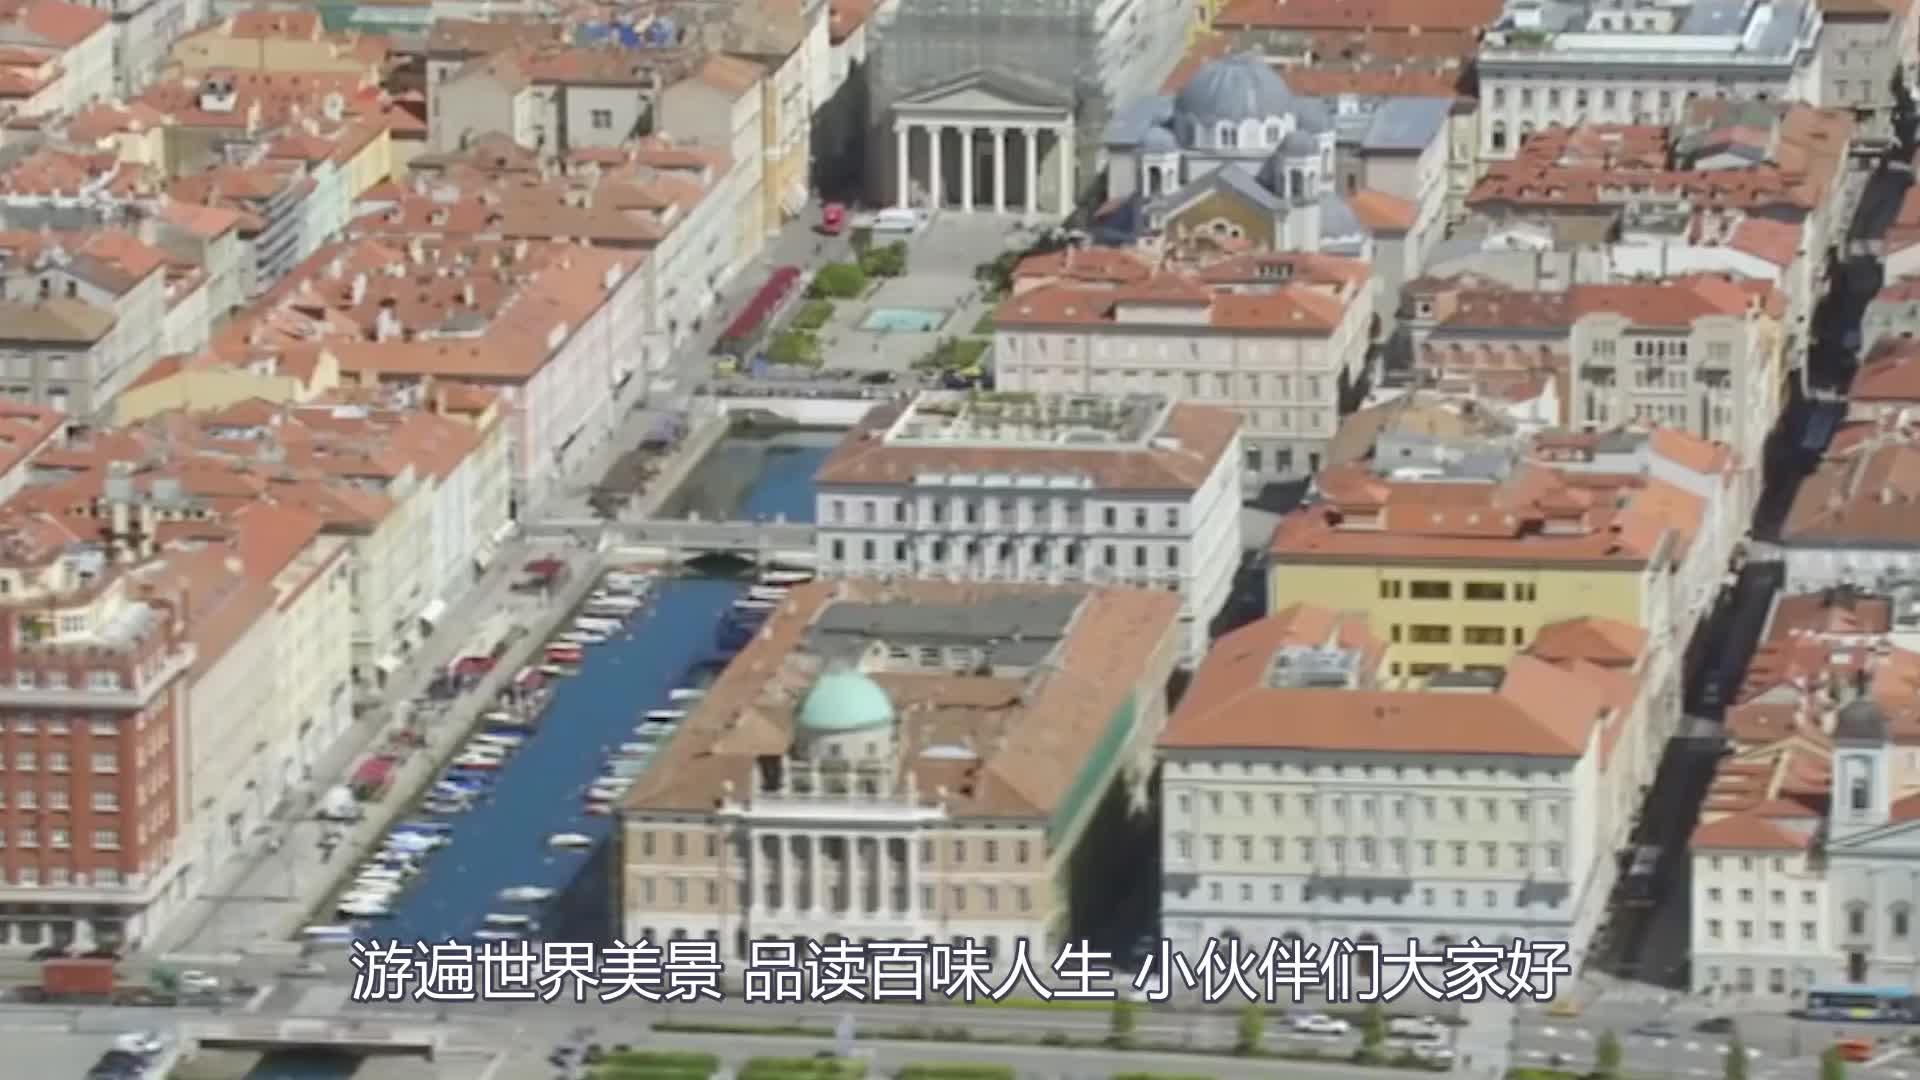 中国美女穿汉服上街,看到转身那一刻,老外纷纷掏出手机拍照